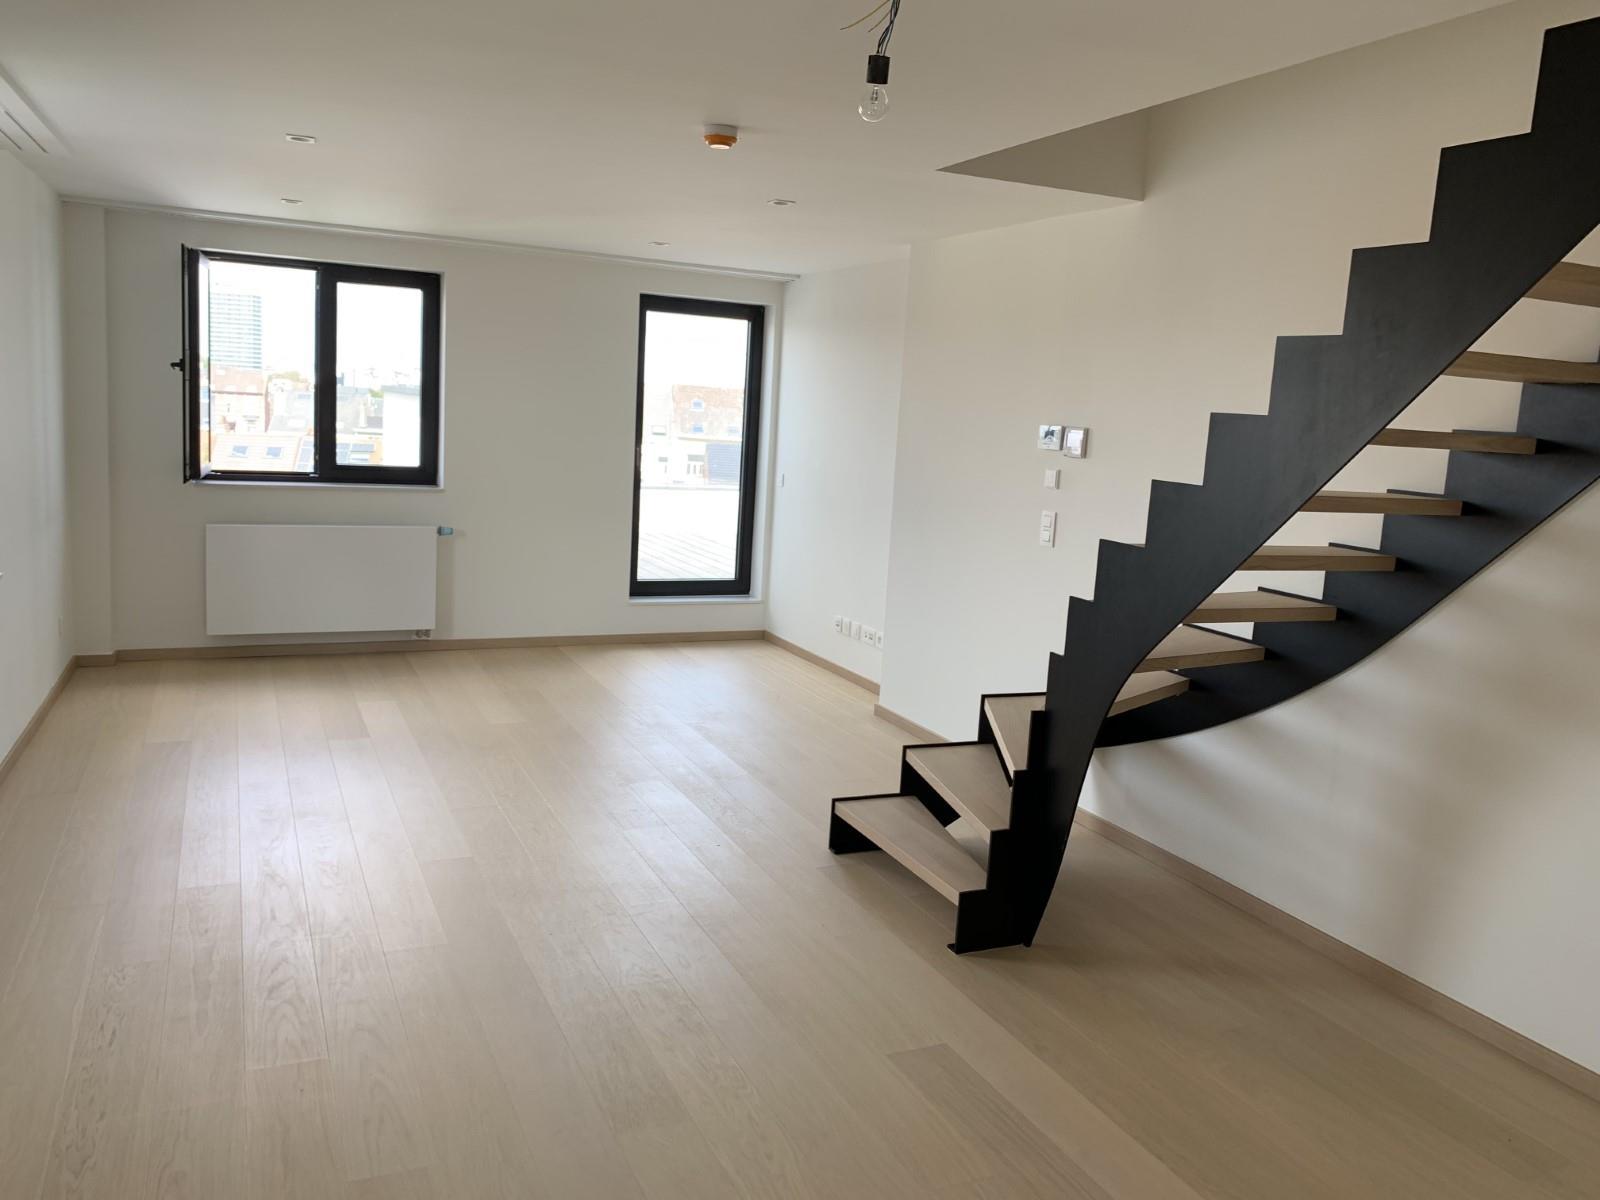 Duplex - Ixelles - #3965157-1